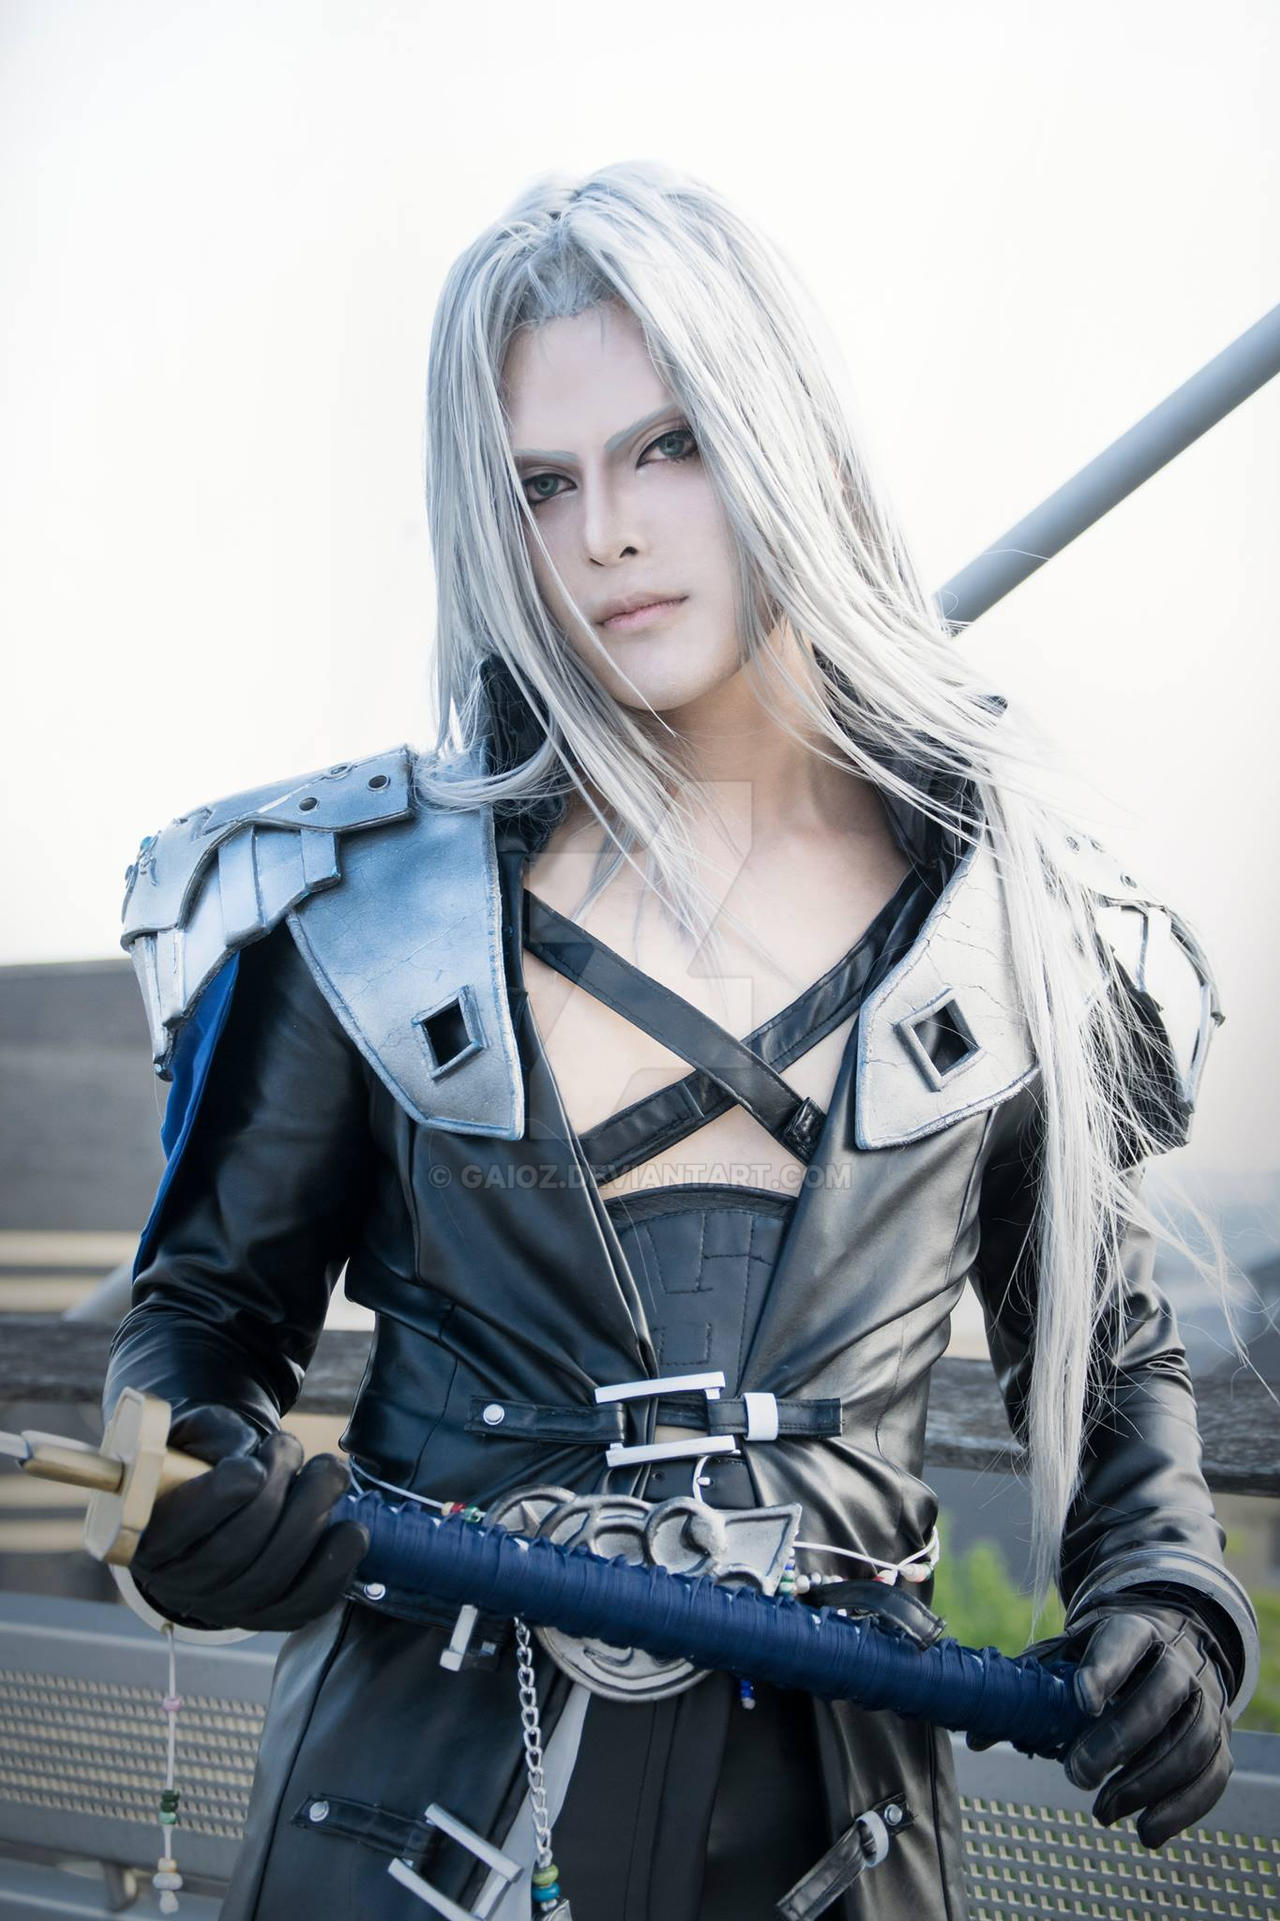 Sephiroth By Gaioz On Deviantart